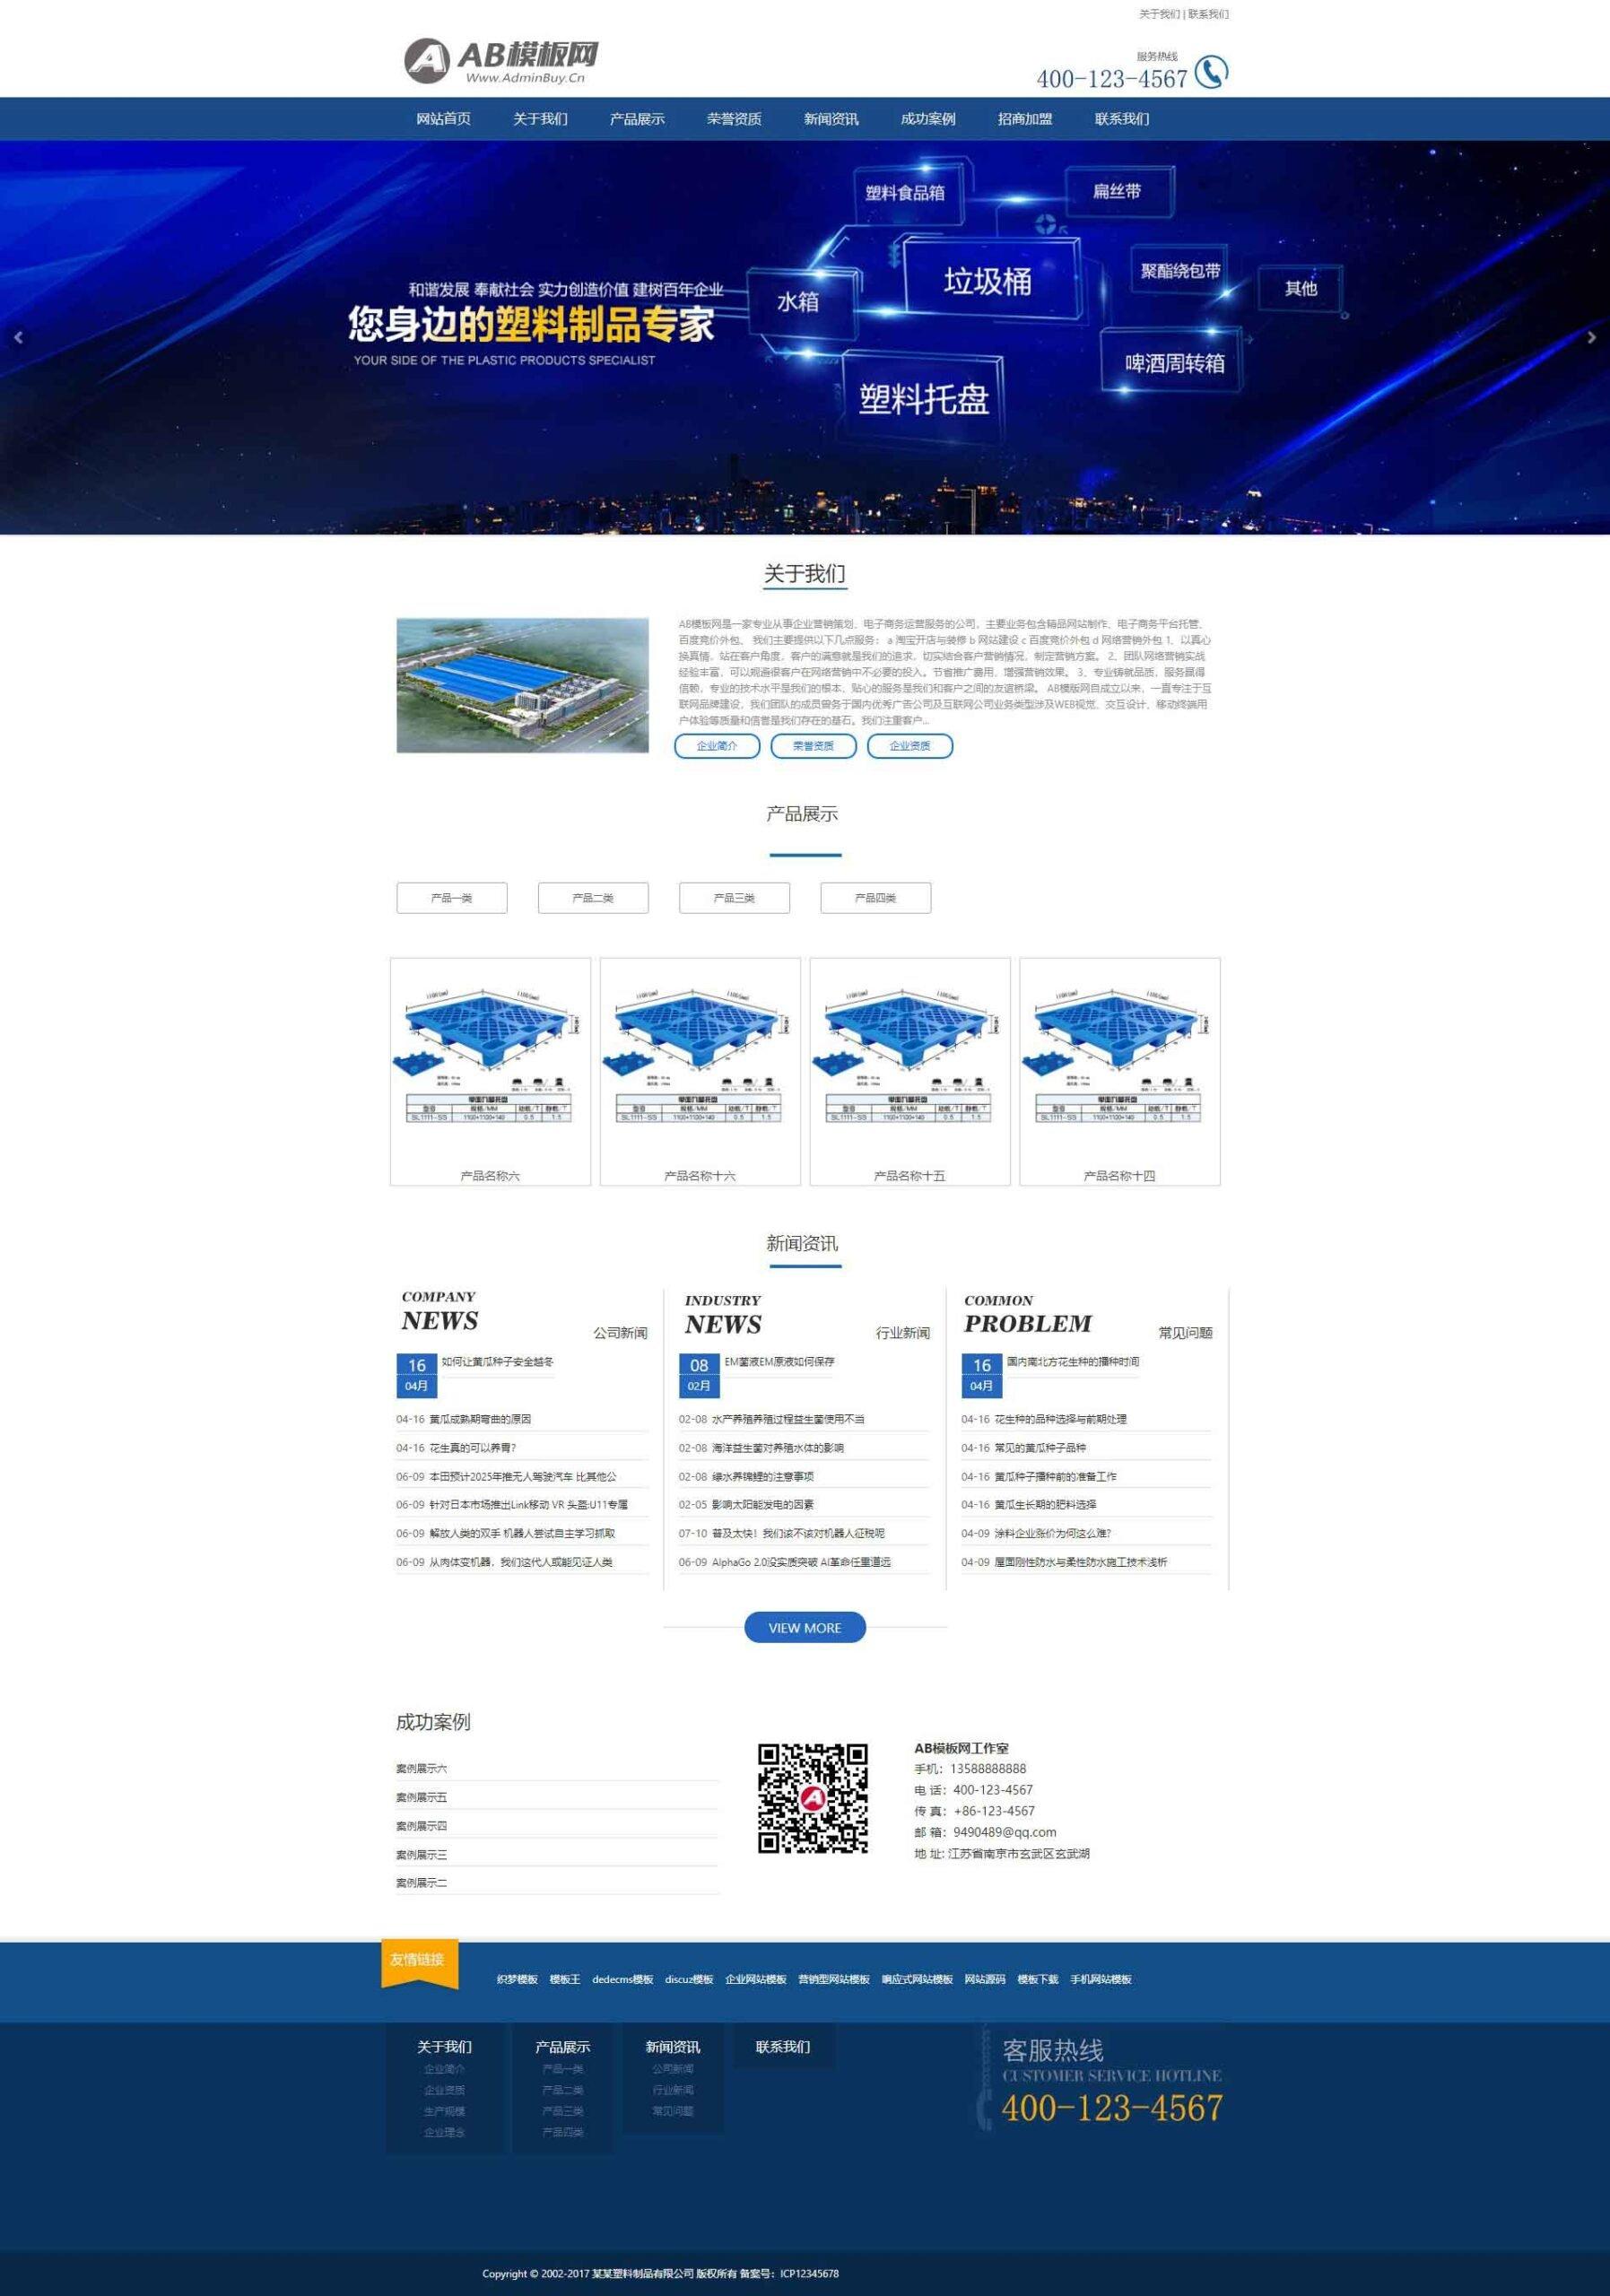 鹤云资源博客-塑料制品企业网站织梦dede模板源码[自适应手机版]插图